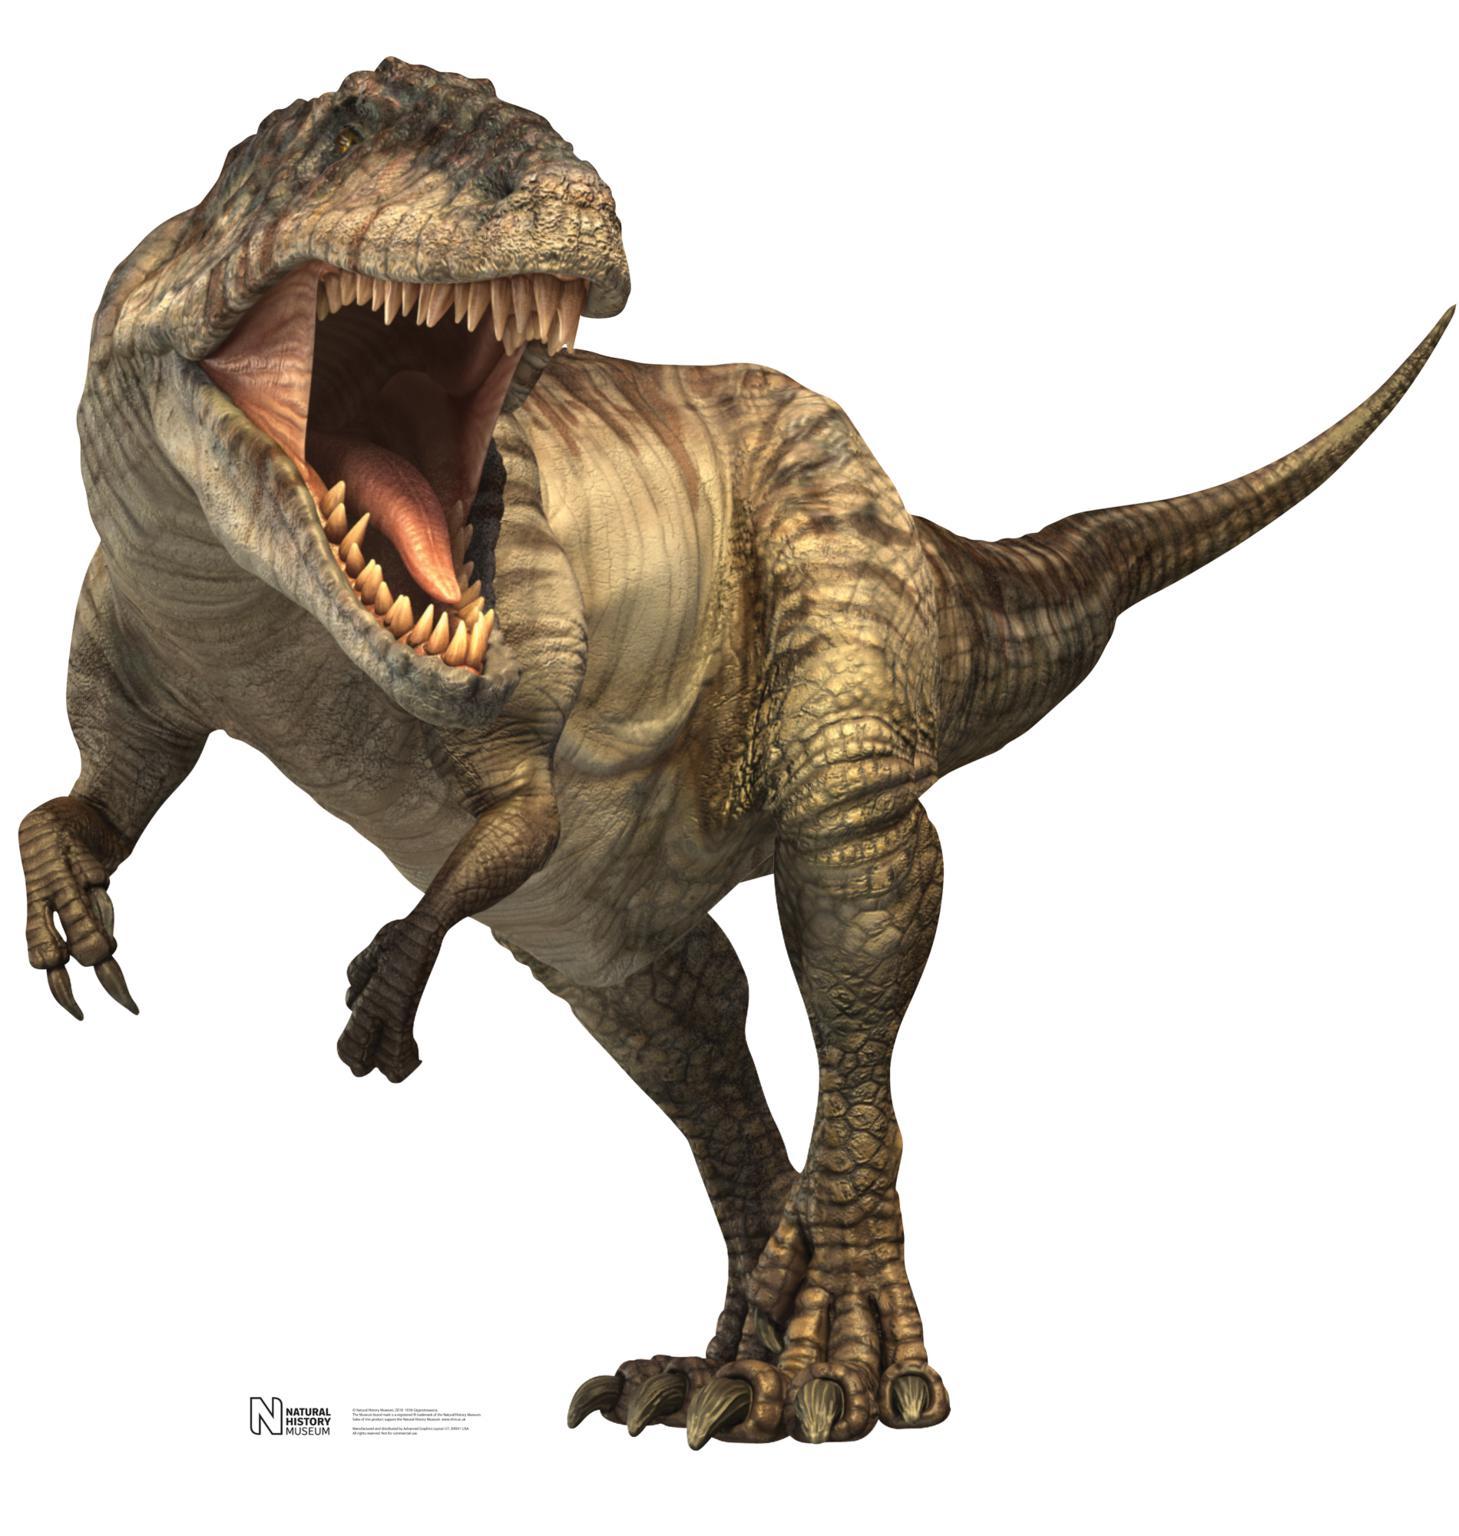 صورة صور ديناصورات , صور ديناصور ضخم